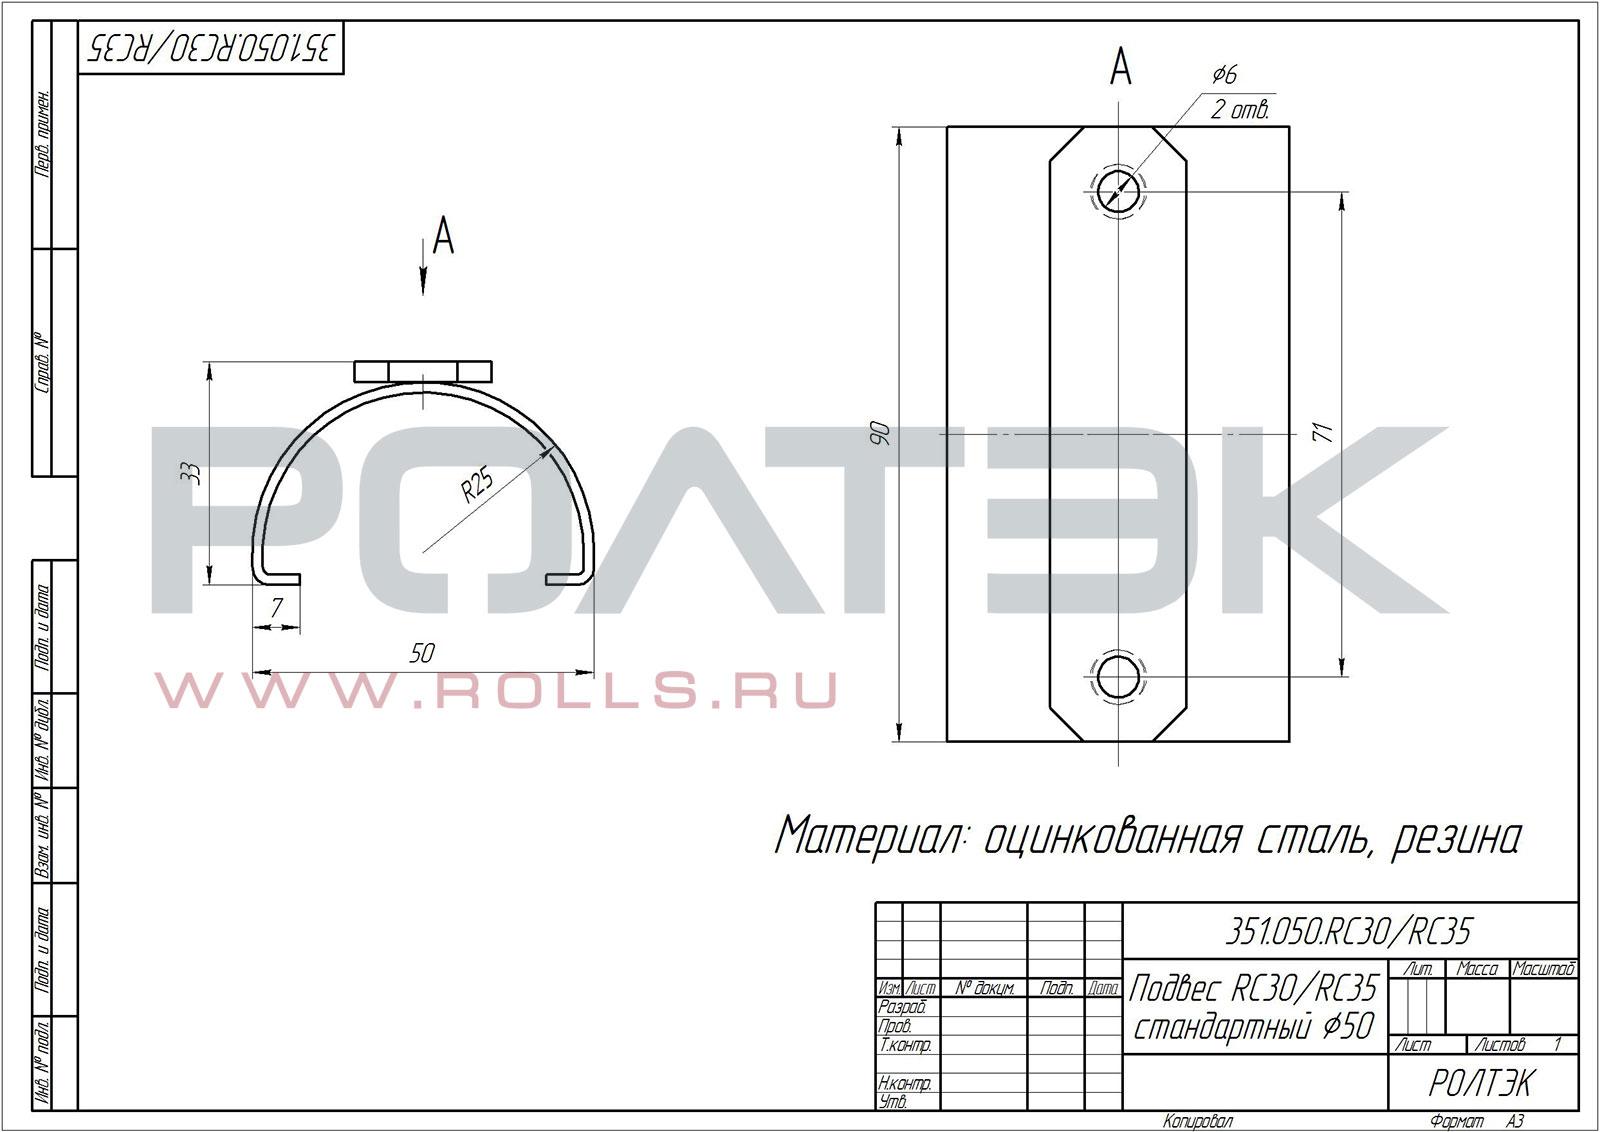 Подвес RC30/RC35 стандартный